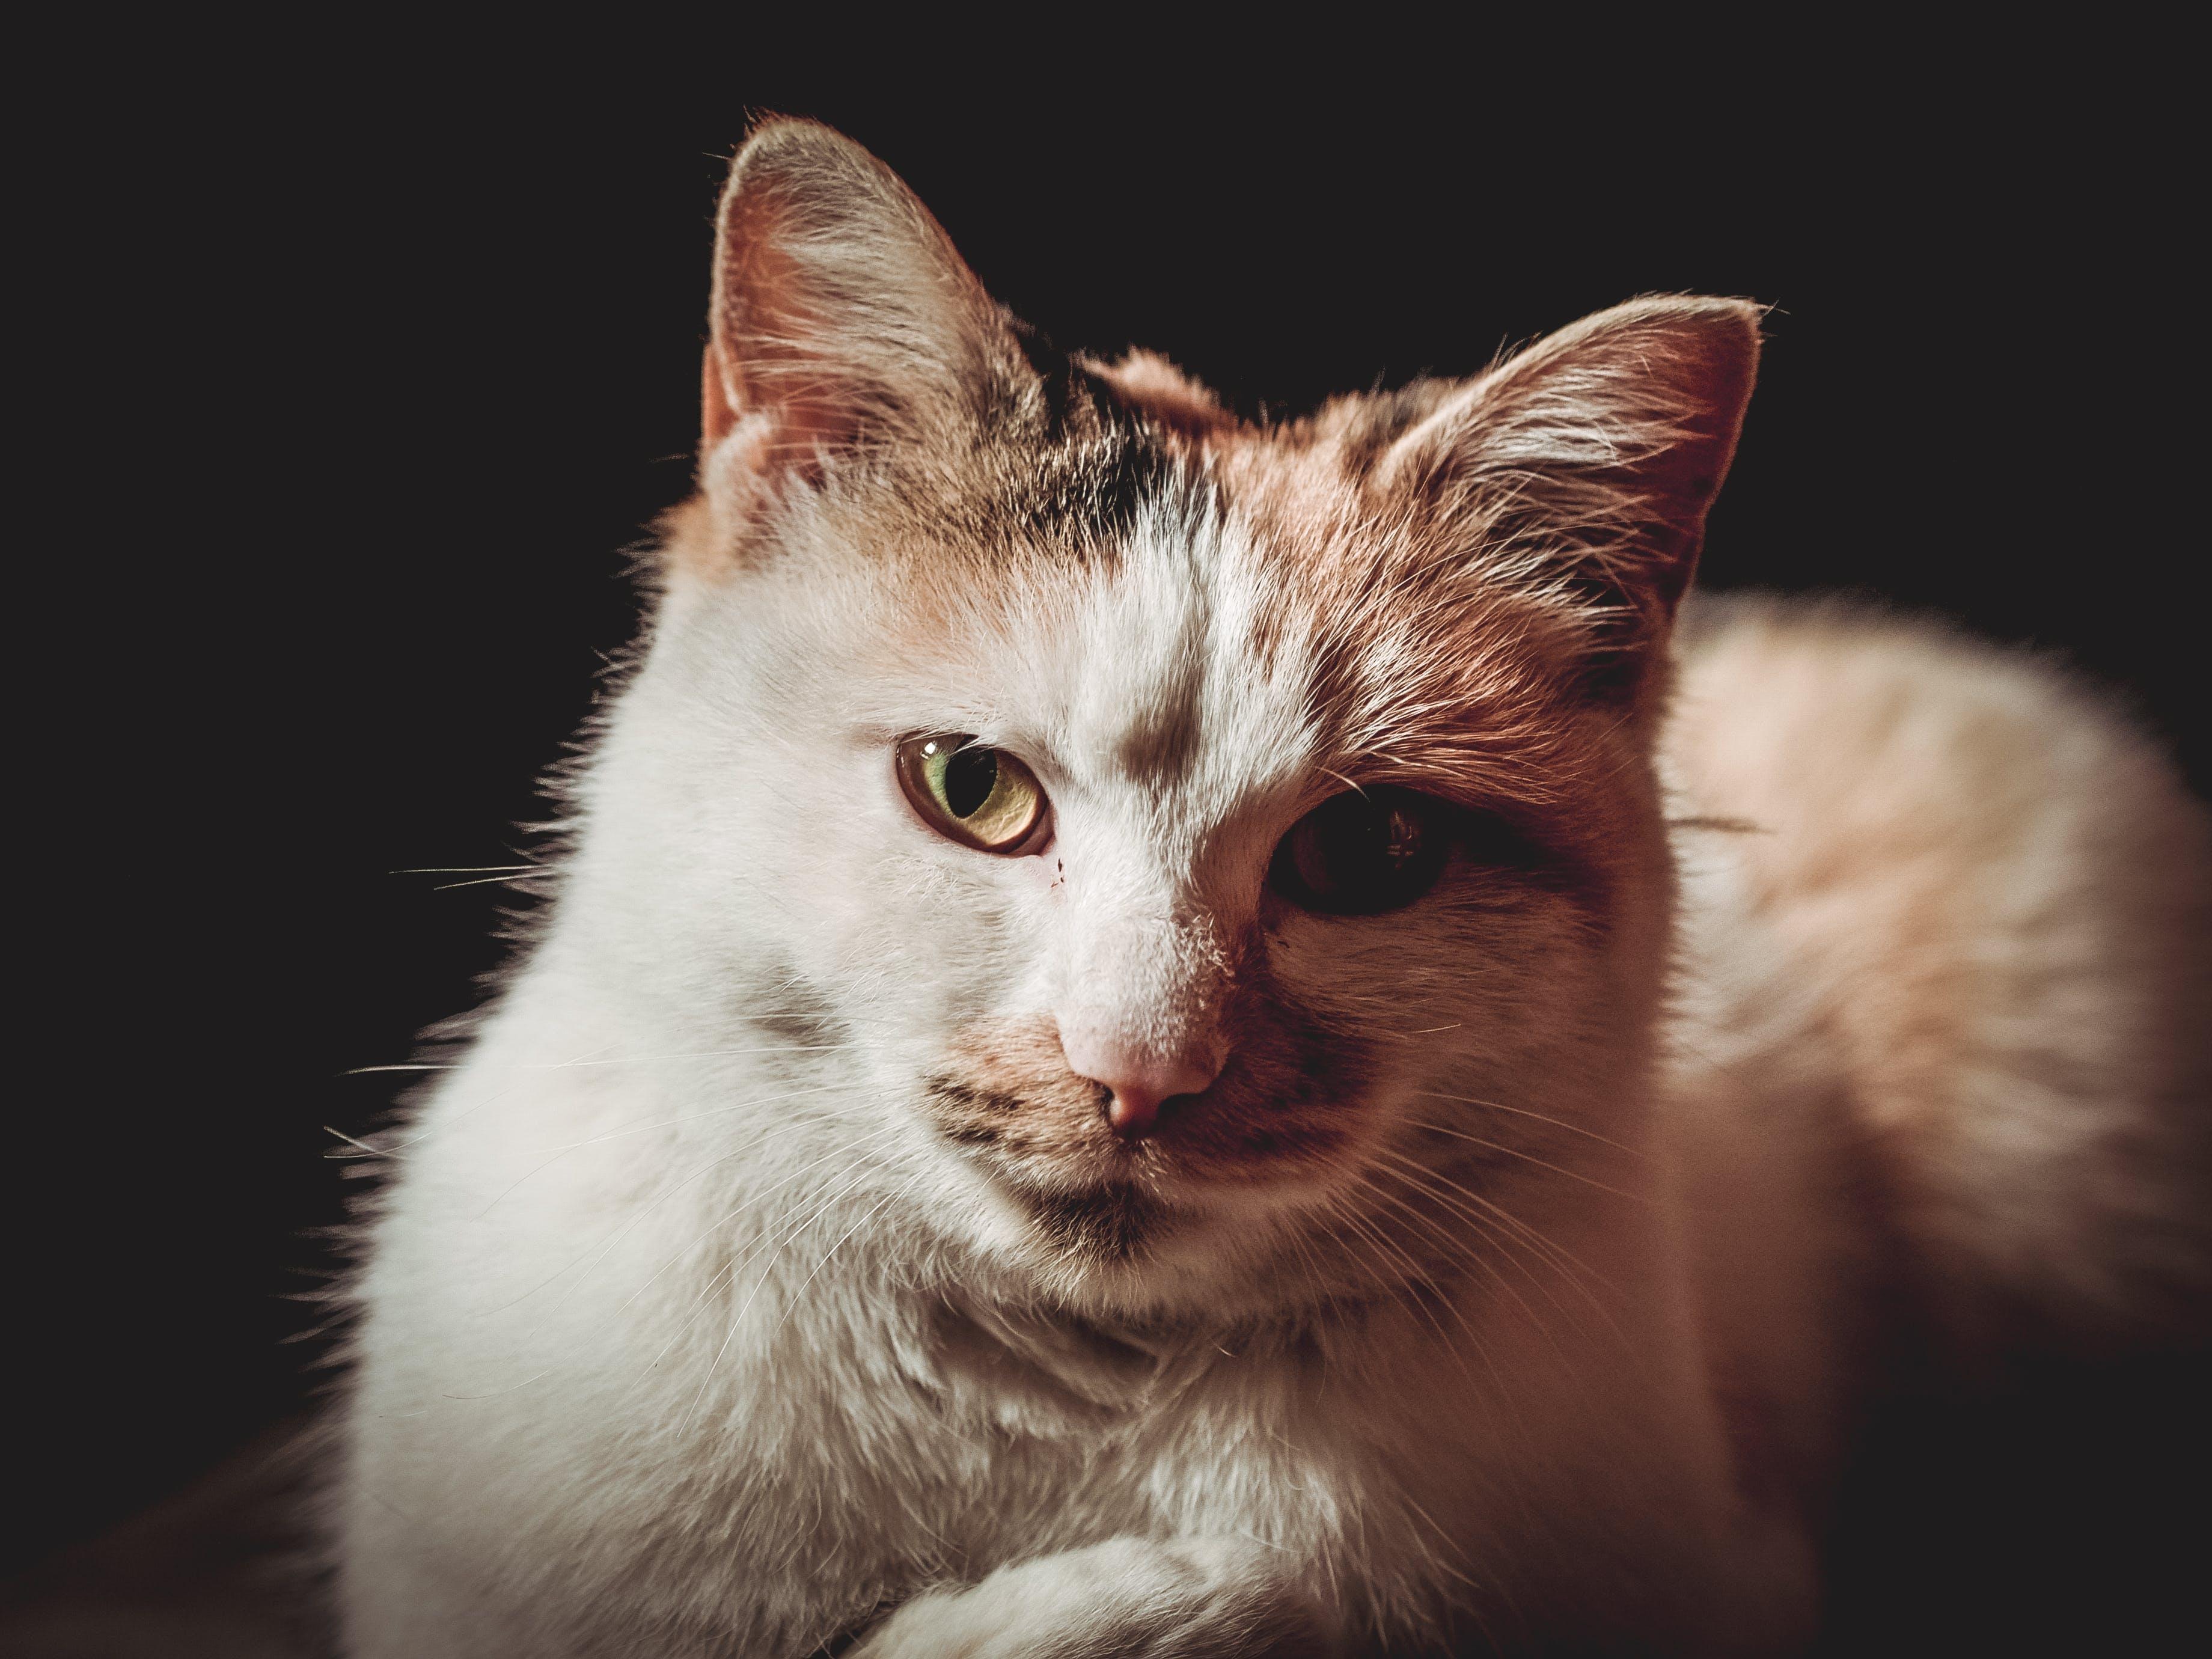 Close-Up Photo of Calico Cat